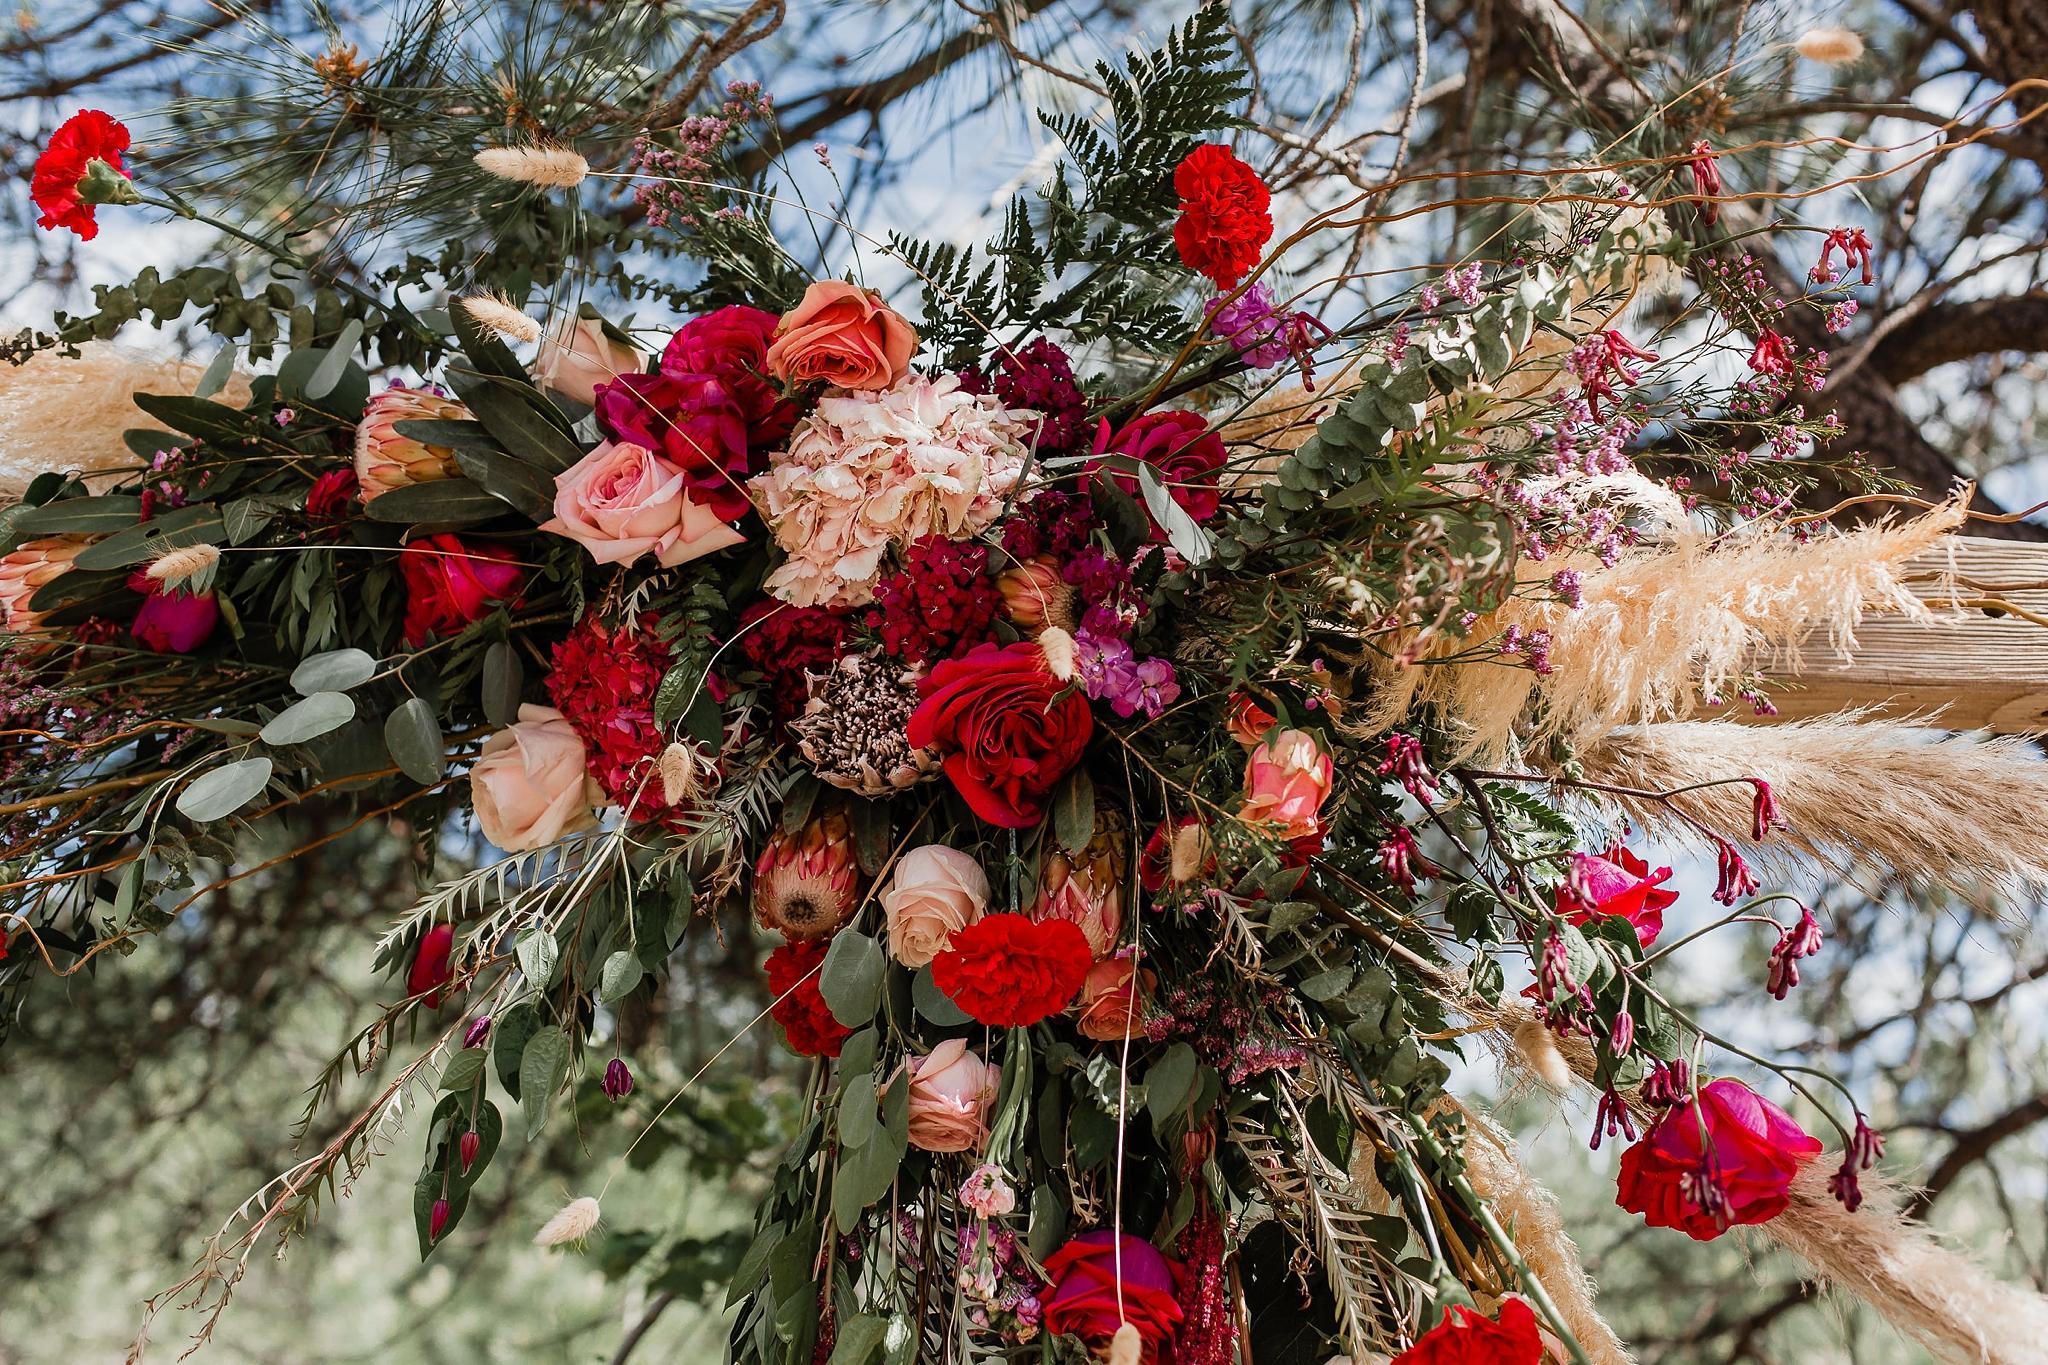 Alicia+lucia+photography+-+albuquerque+wedding+photographer+-+santa+fe+wedding+photography+-+new+mexico+wedding+photographer+-+new+mexico+wedding+-+summer+wedding+-+summer+wedding+florals+-+southwest+wedding_0007.jpg